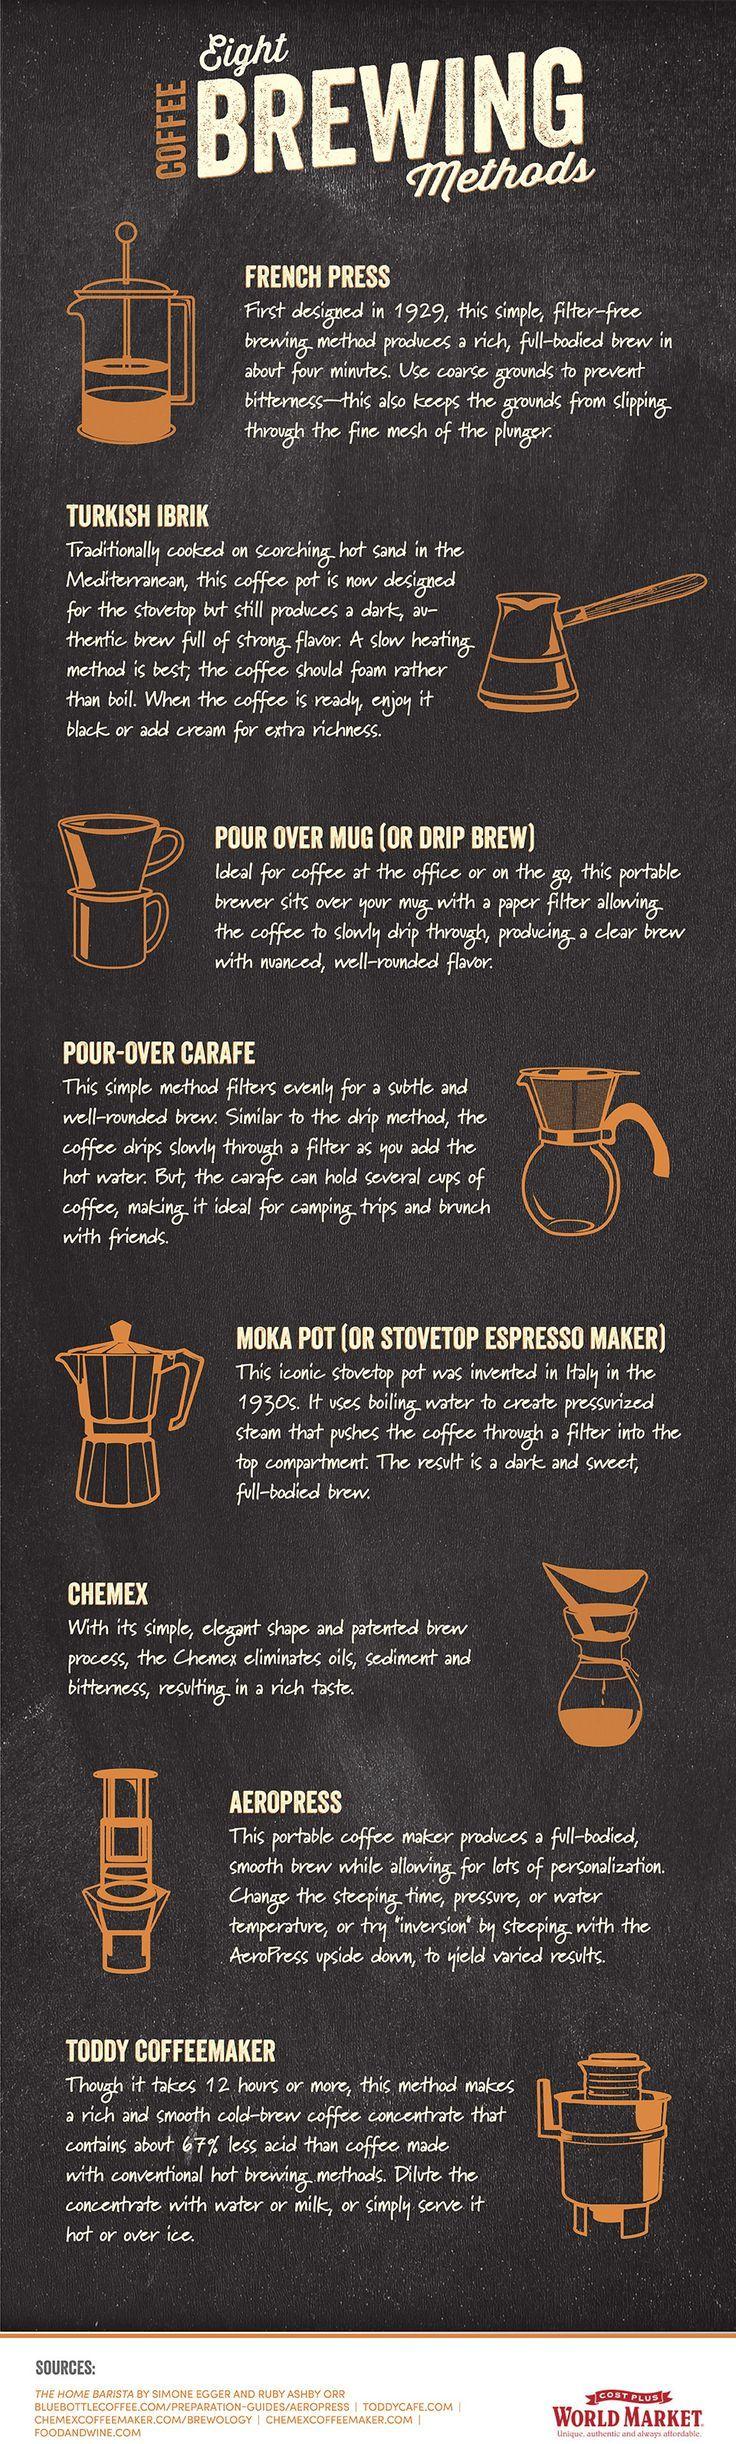 8 coffee brewing methods fantastic beybeee hearts